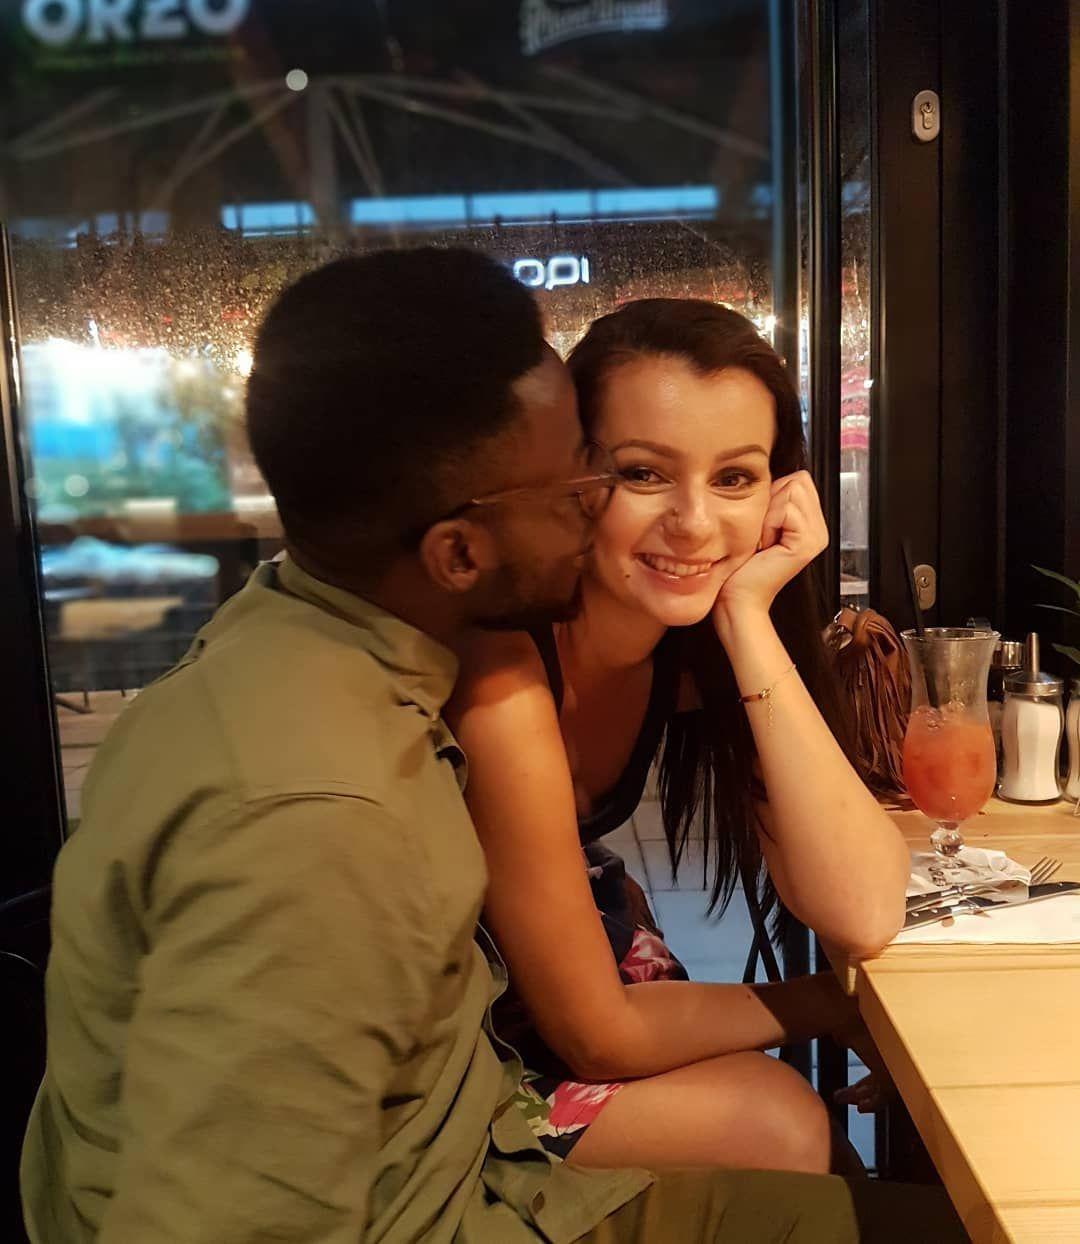 Aol com dating interracial photos 646